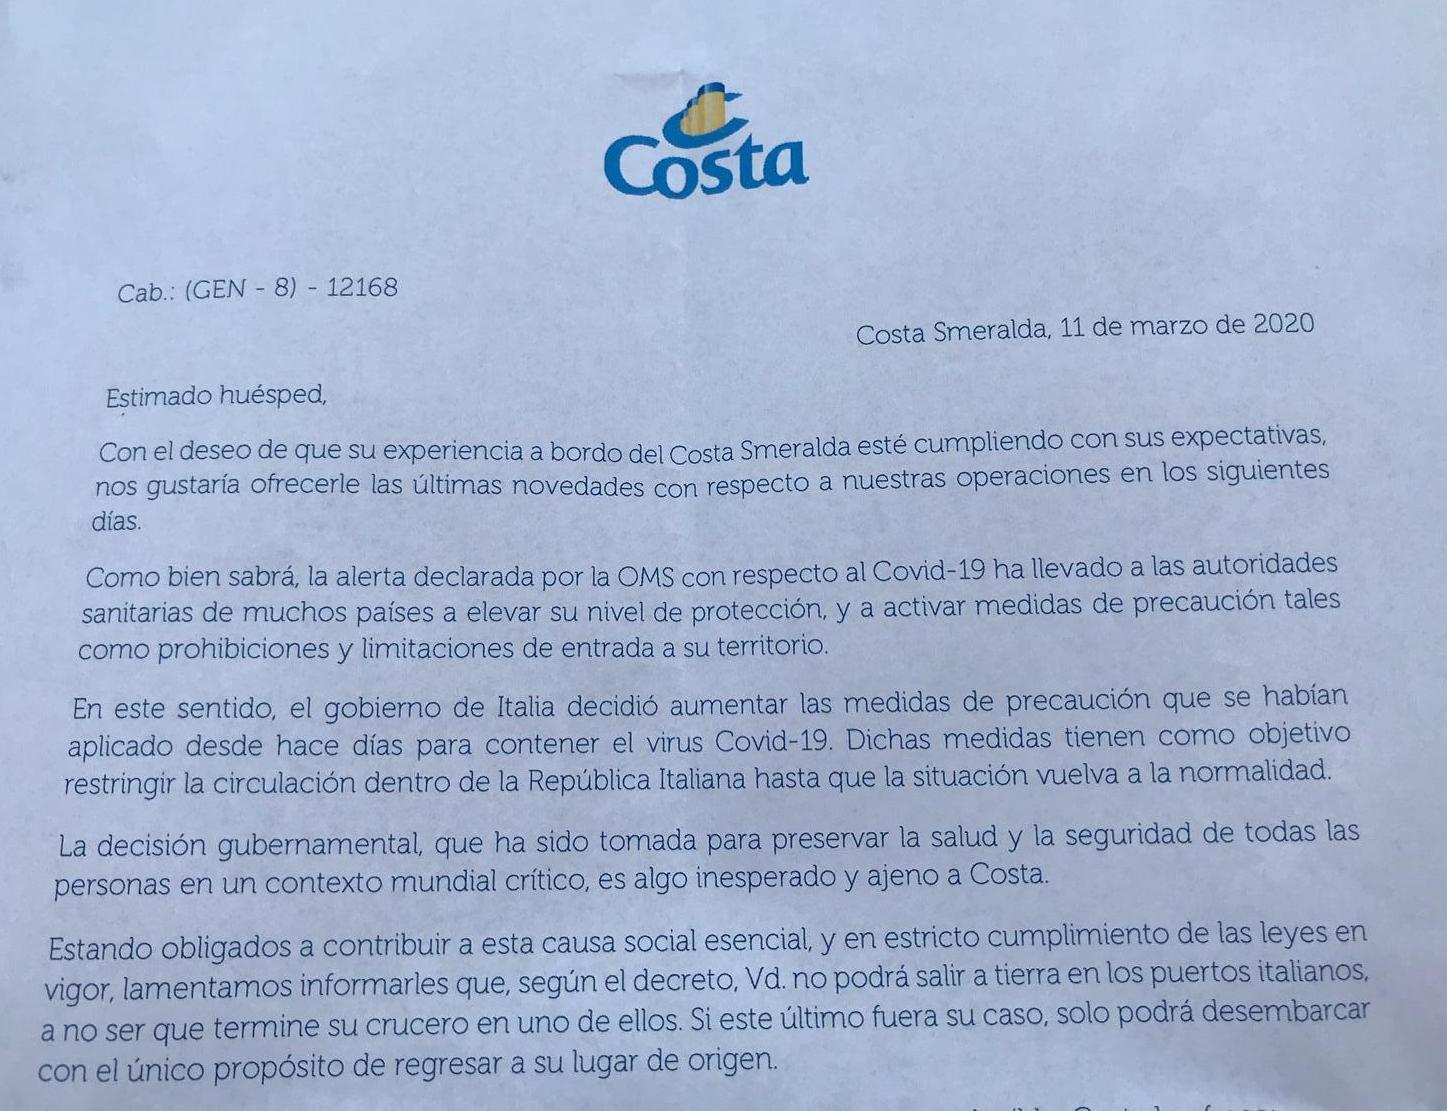 Carta enviada a los pasajeros a la salida de Palma de Mallorca